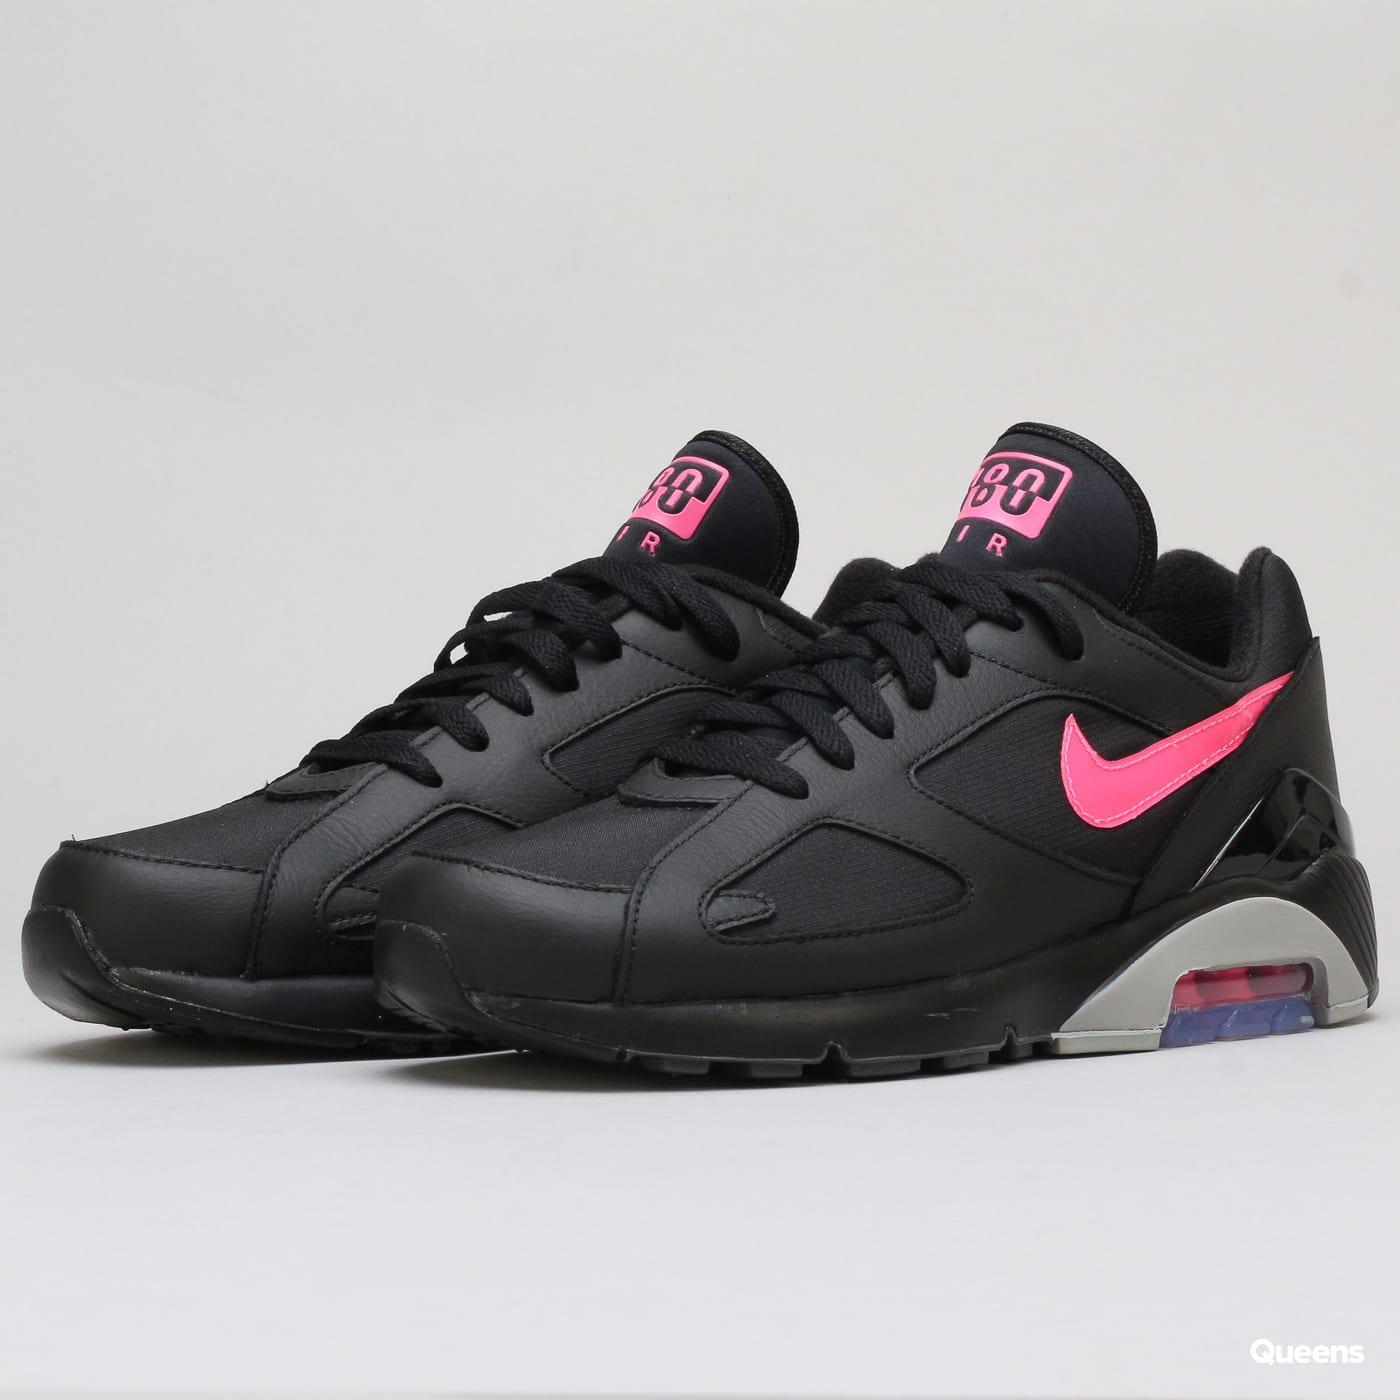 timeless design 3401a e30c8 Sneakers Nike Air Max 180 (AQ9974-001)– Queens 💚